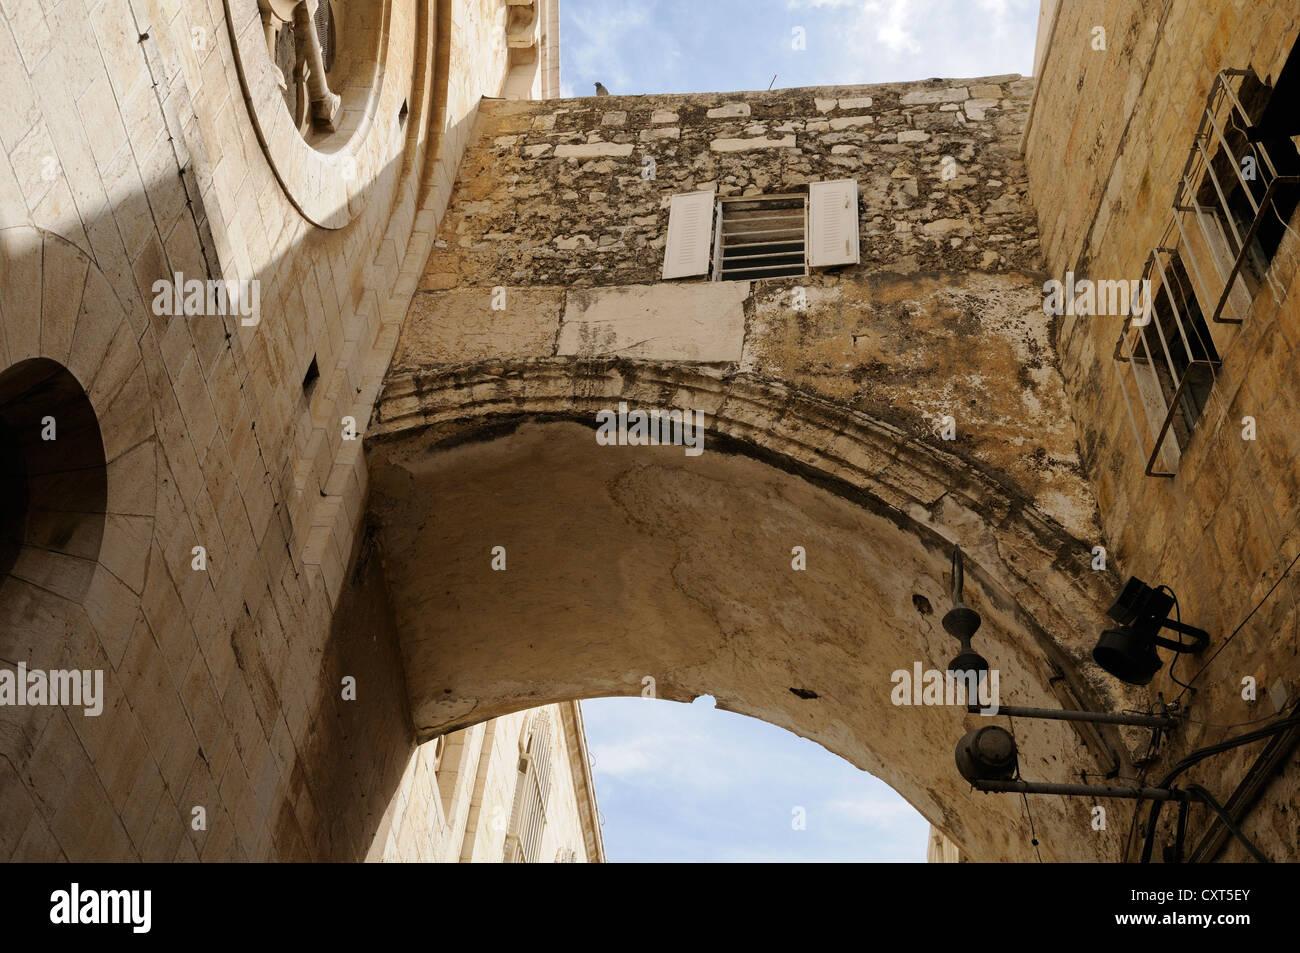 Arco del Ecce Homo, la Vía Dolorosa, Jerusalén, Israel, Oriente Medio Imagen De Stock